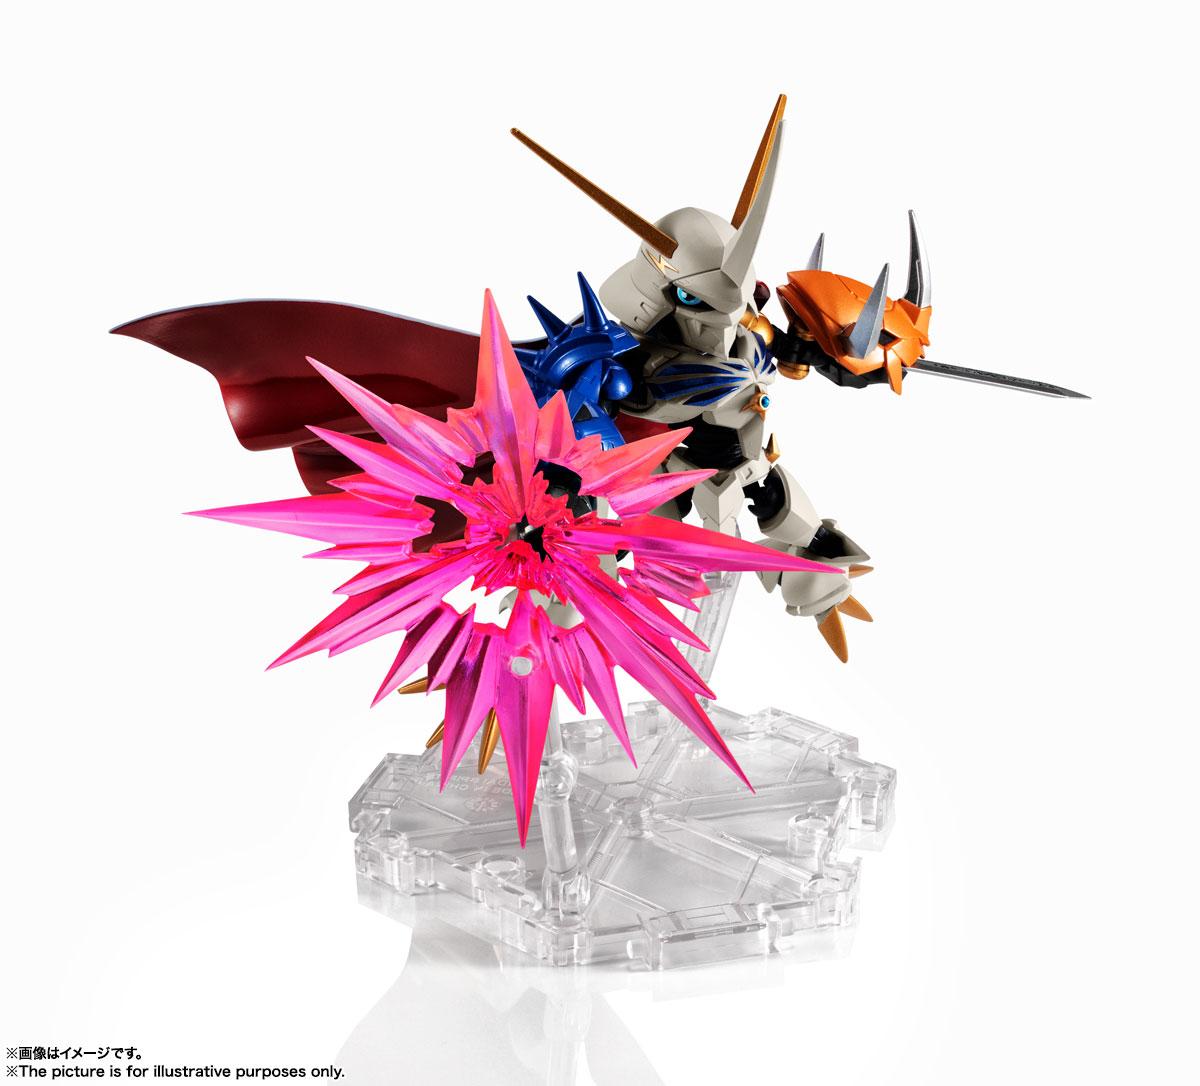 NXEDGE STYLE[DIGIMON UNIT]『オメガモン -Special Color Ver.-』デジモンアドベンチャー デフォルメ可動フィギュア-005